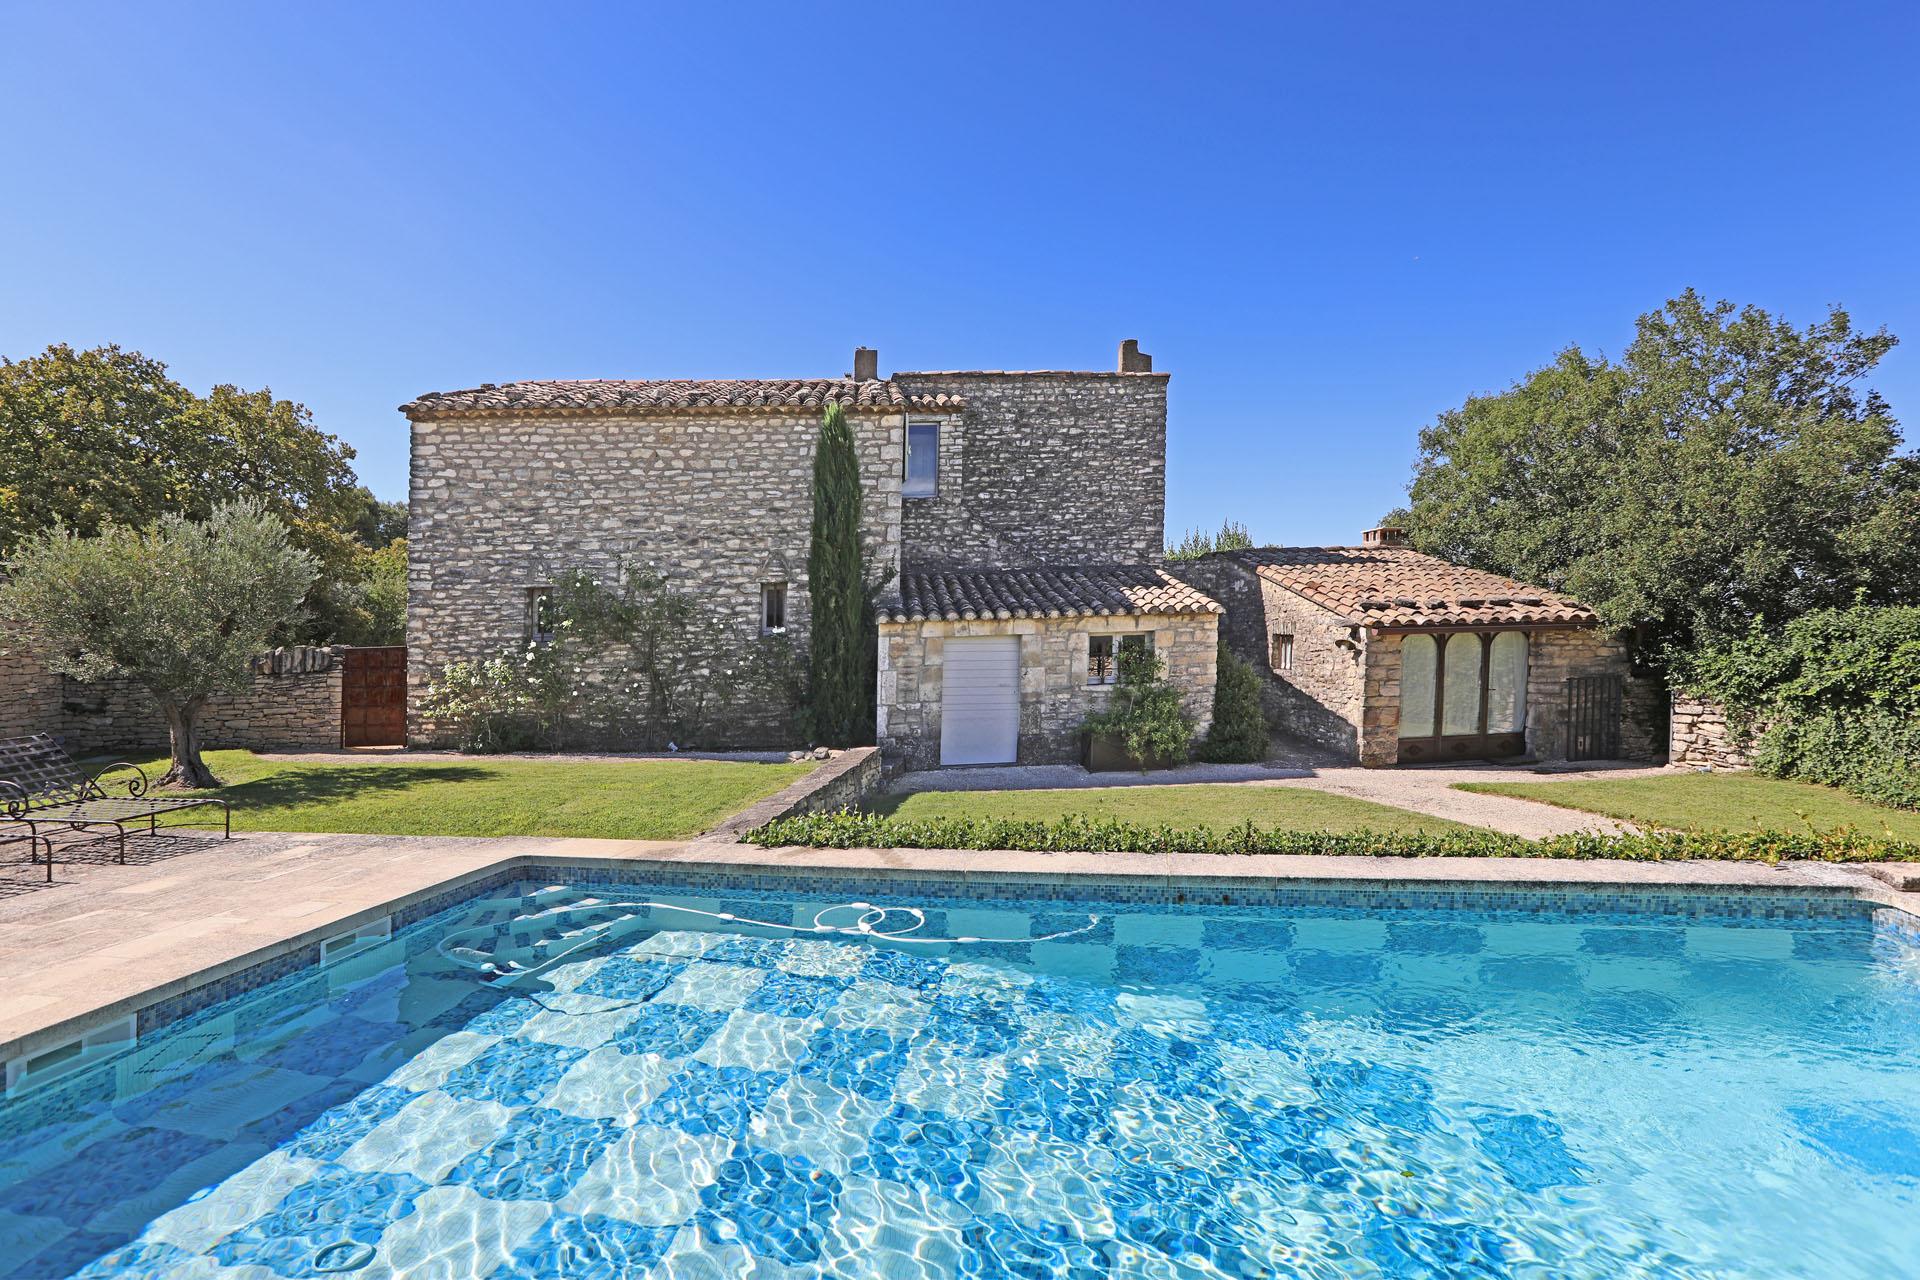 A vendre à Gordes, piscine et maison